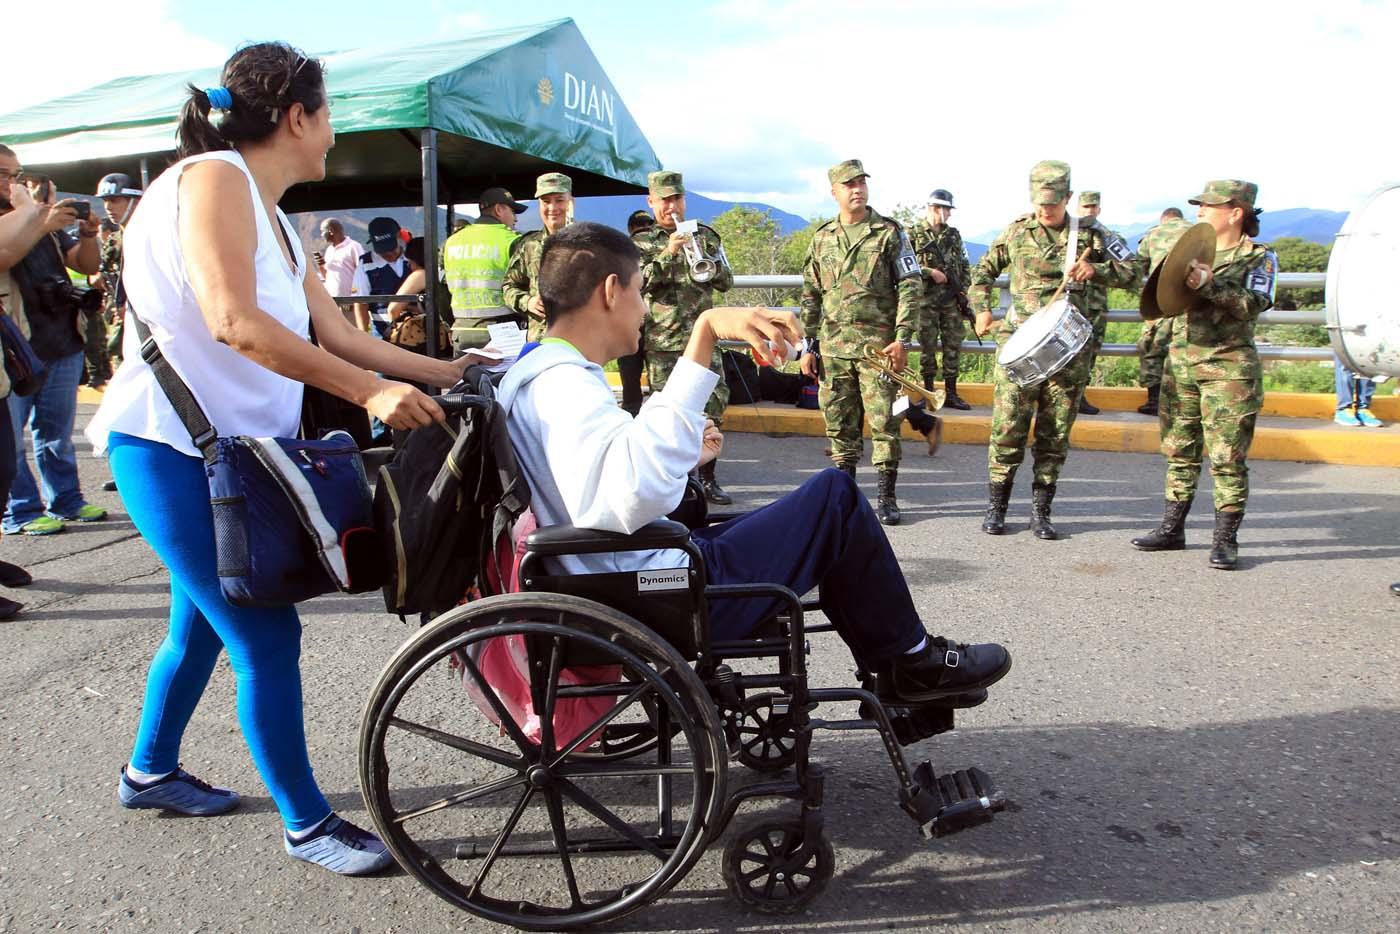 GRA103. CÚCUTA (COLOMBIA), 13/08/2016.- Ciudadanos procedentes de Venezuela entran a Colombia por el puente Simón Bolívar hoy, sábado 13 de Agosto de 2016 en Cúcuta (Colombia). La frontera de Colombia y Venezuela, que permanecía cerrada desde hace casi un año, fue reabierta hoy al paso peatonal y miles de venezolanos pasaron a la ciudad de Cúcuta para comprar alimentos y medicinas. Horas antes de la apertura, que se produjo a las 05.00 hora colombiana (10.00 GMT) tal y como estaba previsto, miles de personas se reunieron en el lado venezolano del Puente Internacional Simón Bolívar, que une la localidad colombiana de Cúcuta y la venezolana de San Antonio, según pudo constatar Efe. EFE/Mauricio Dueñas Castañeda